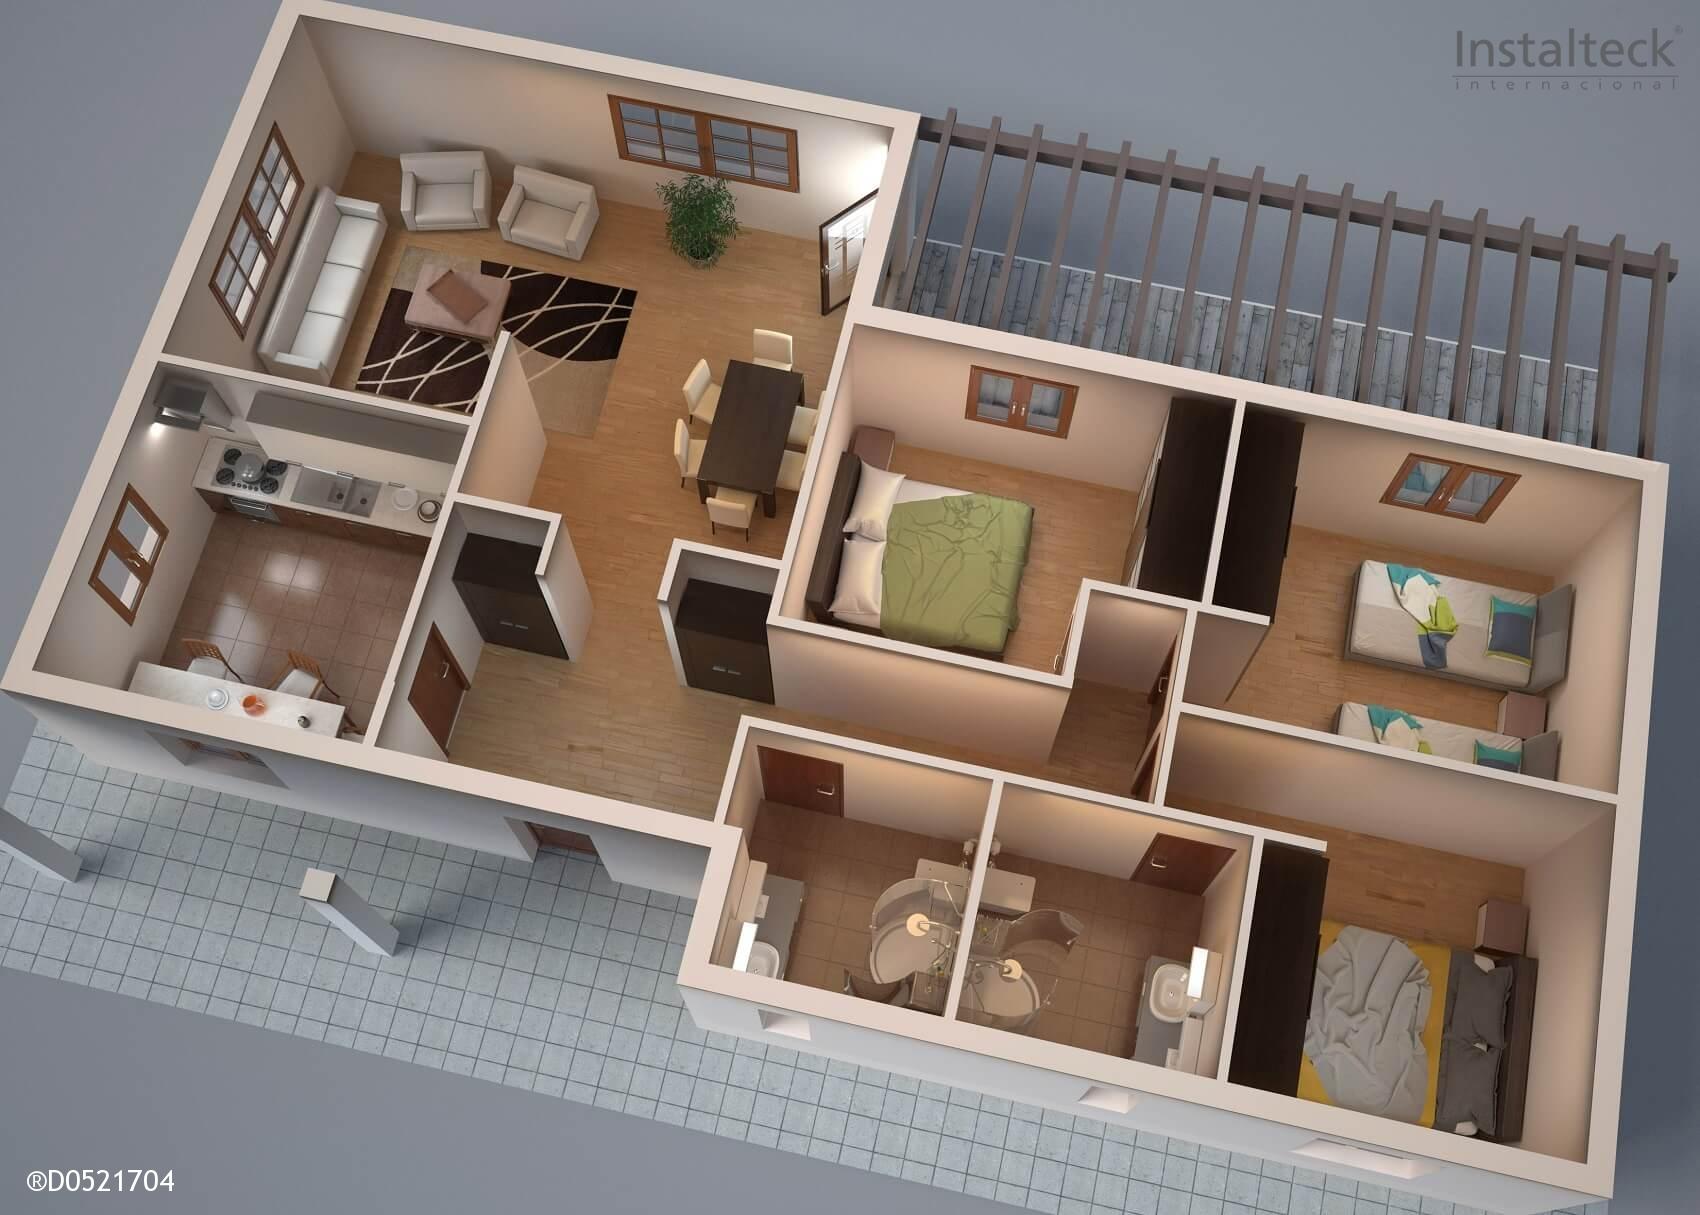 casa prefabricada in teck 131 instalteckinstalteck